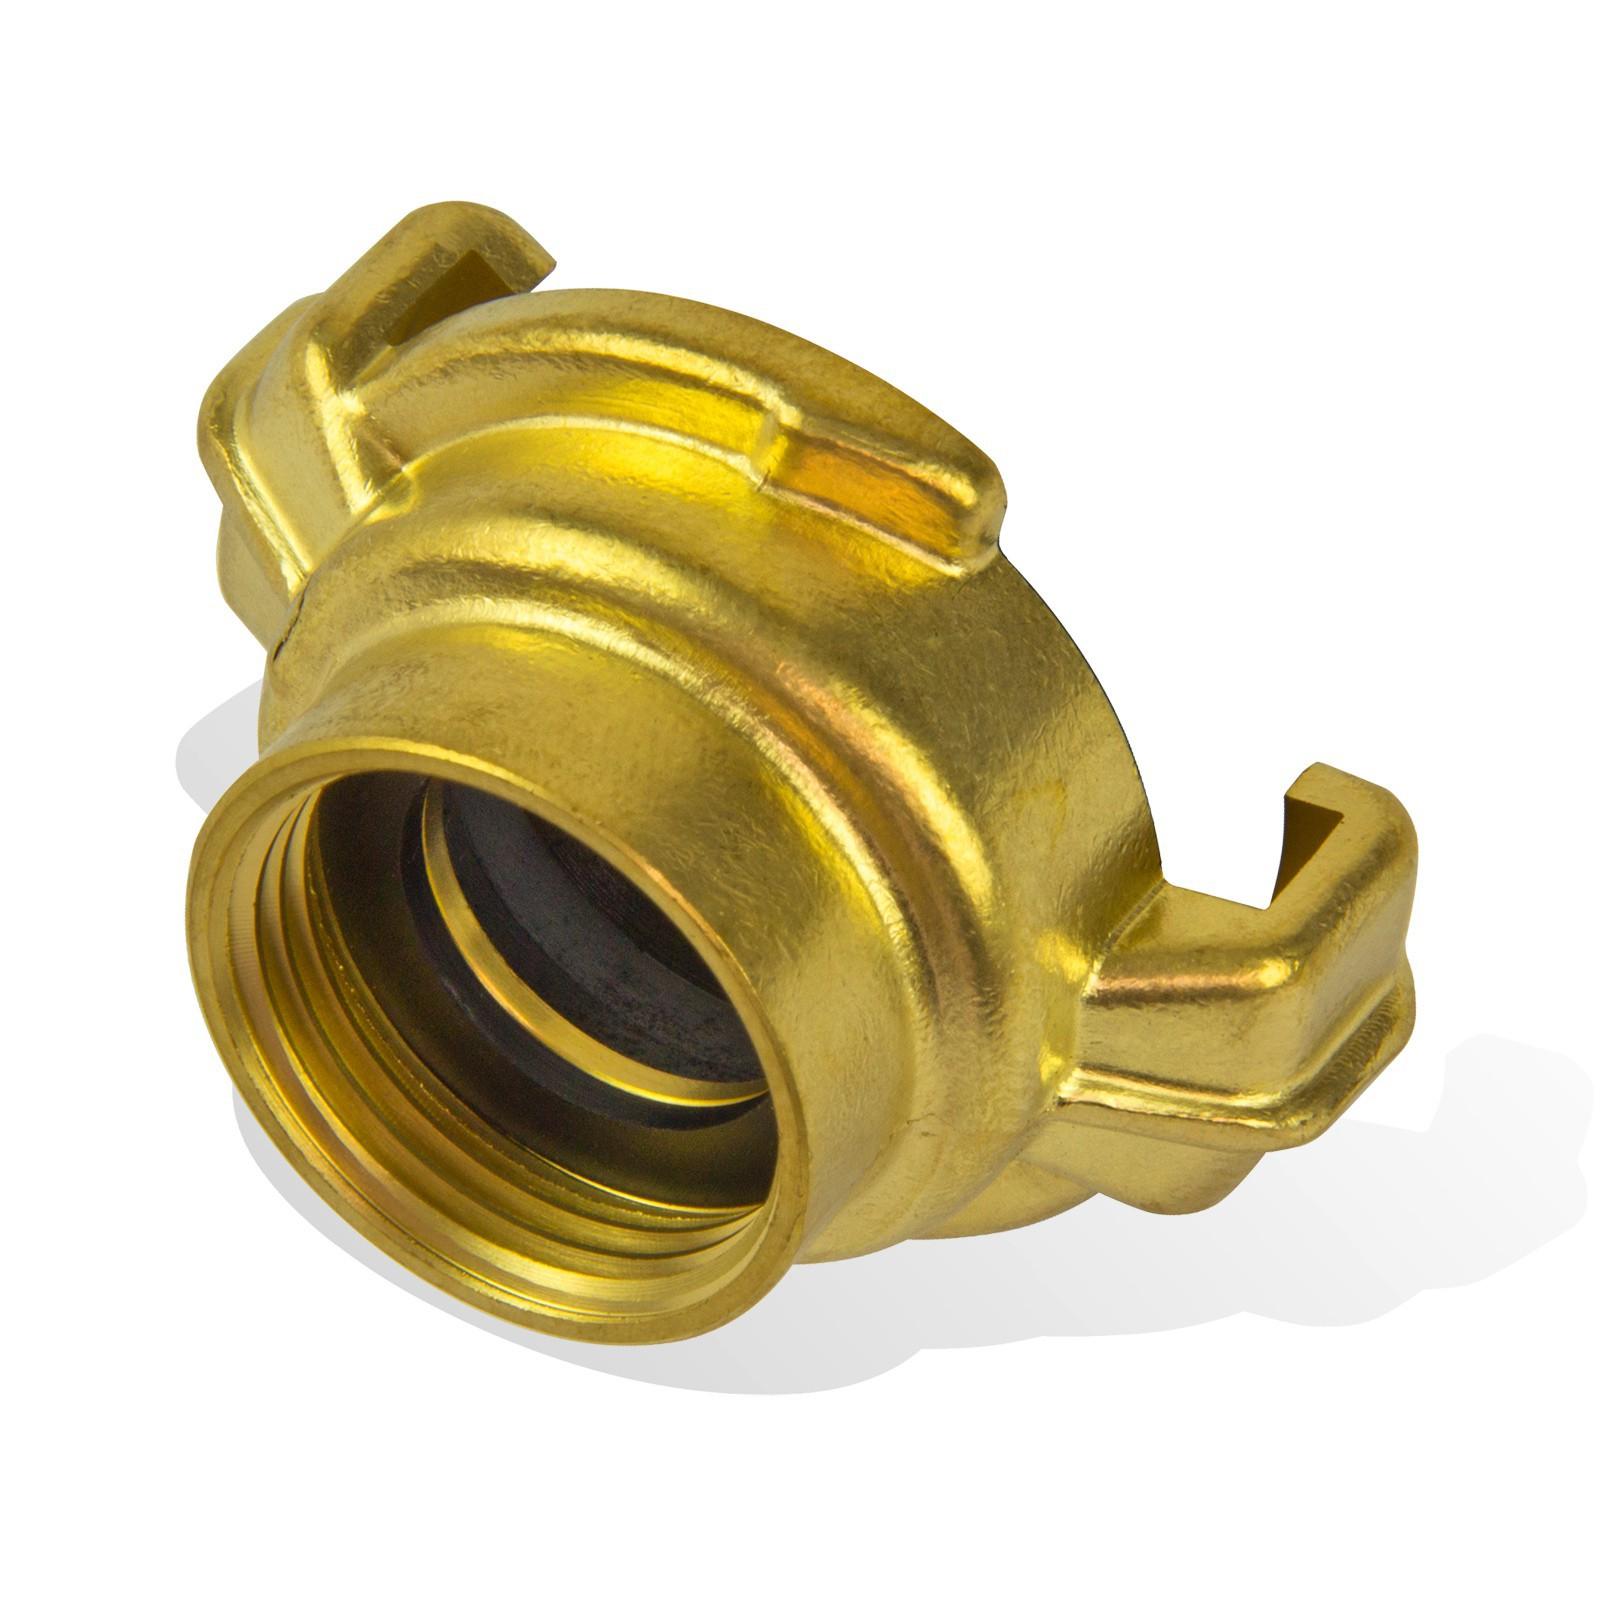 Messing-Kupplung 1 1//4 Zoll AG Schnellkupplung Schlauchkupplung Geka Luftschlauch Wasserschlauch Gartenschlauch